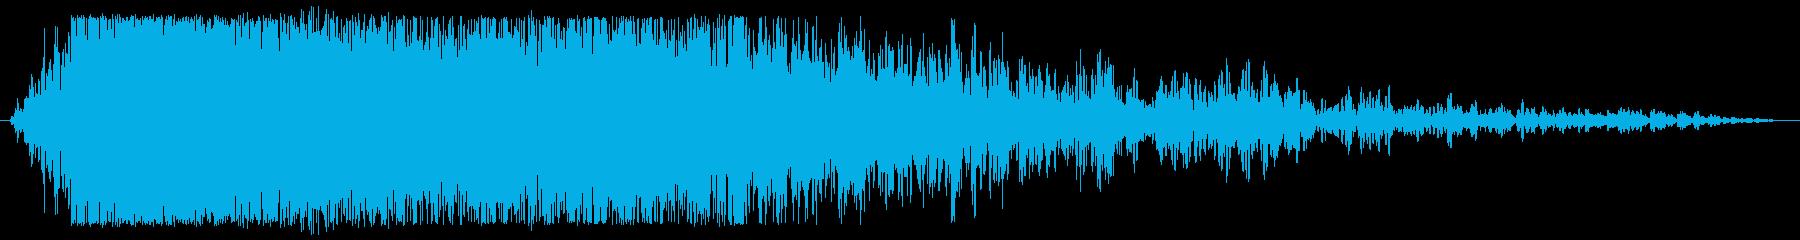 鳥系_怪物の声_フェニックスなどの再生済みの波形